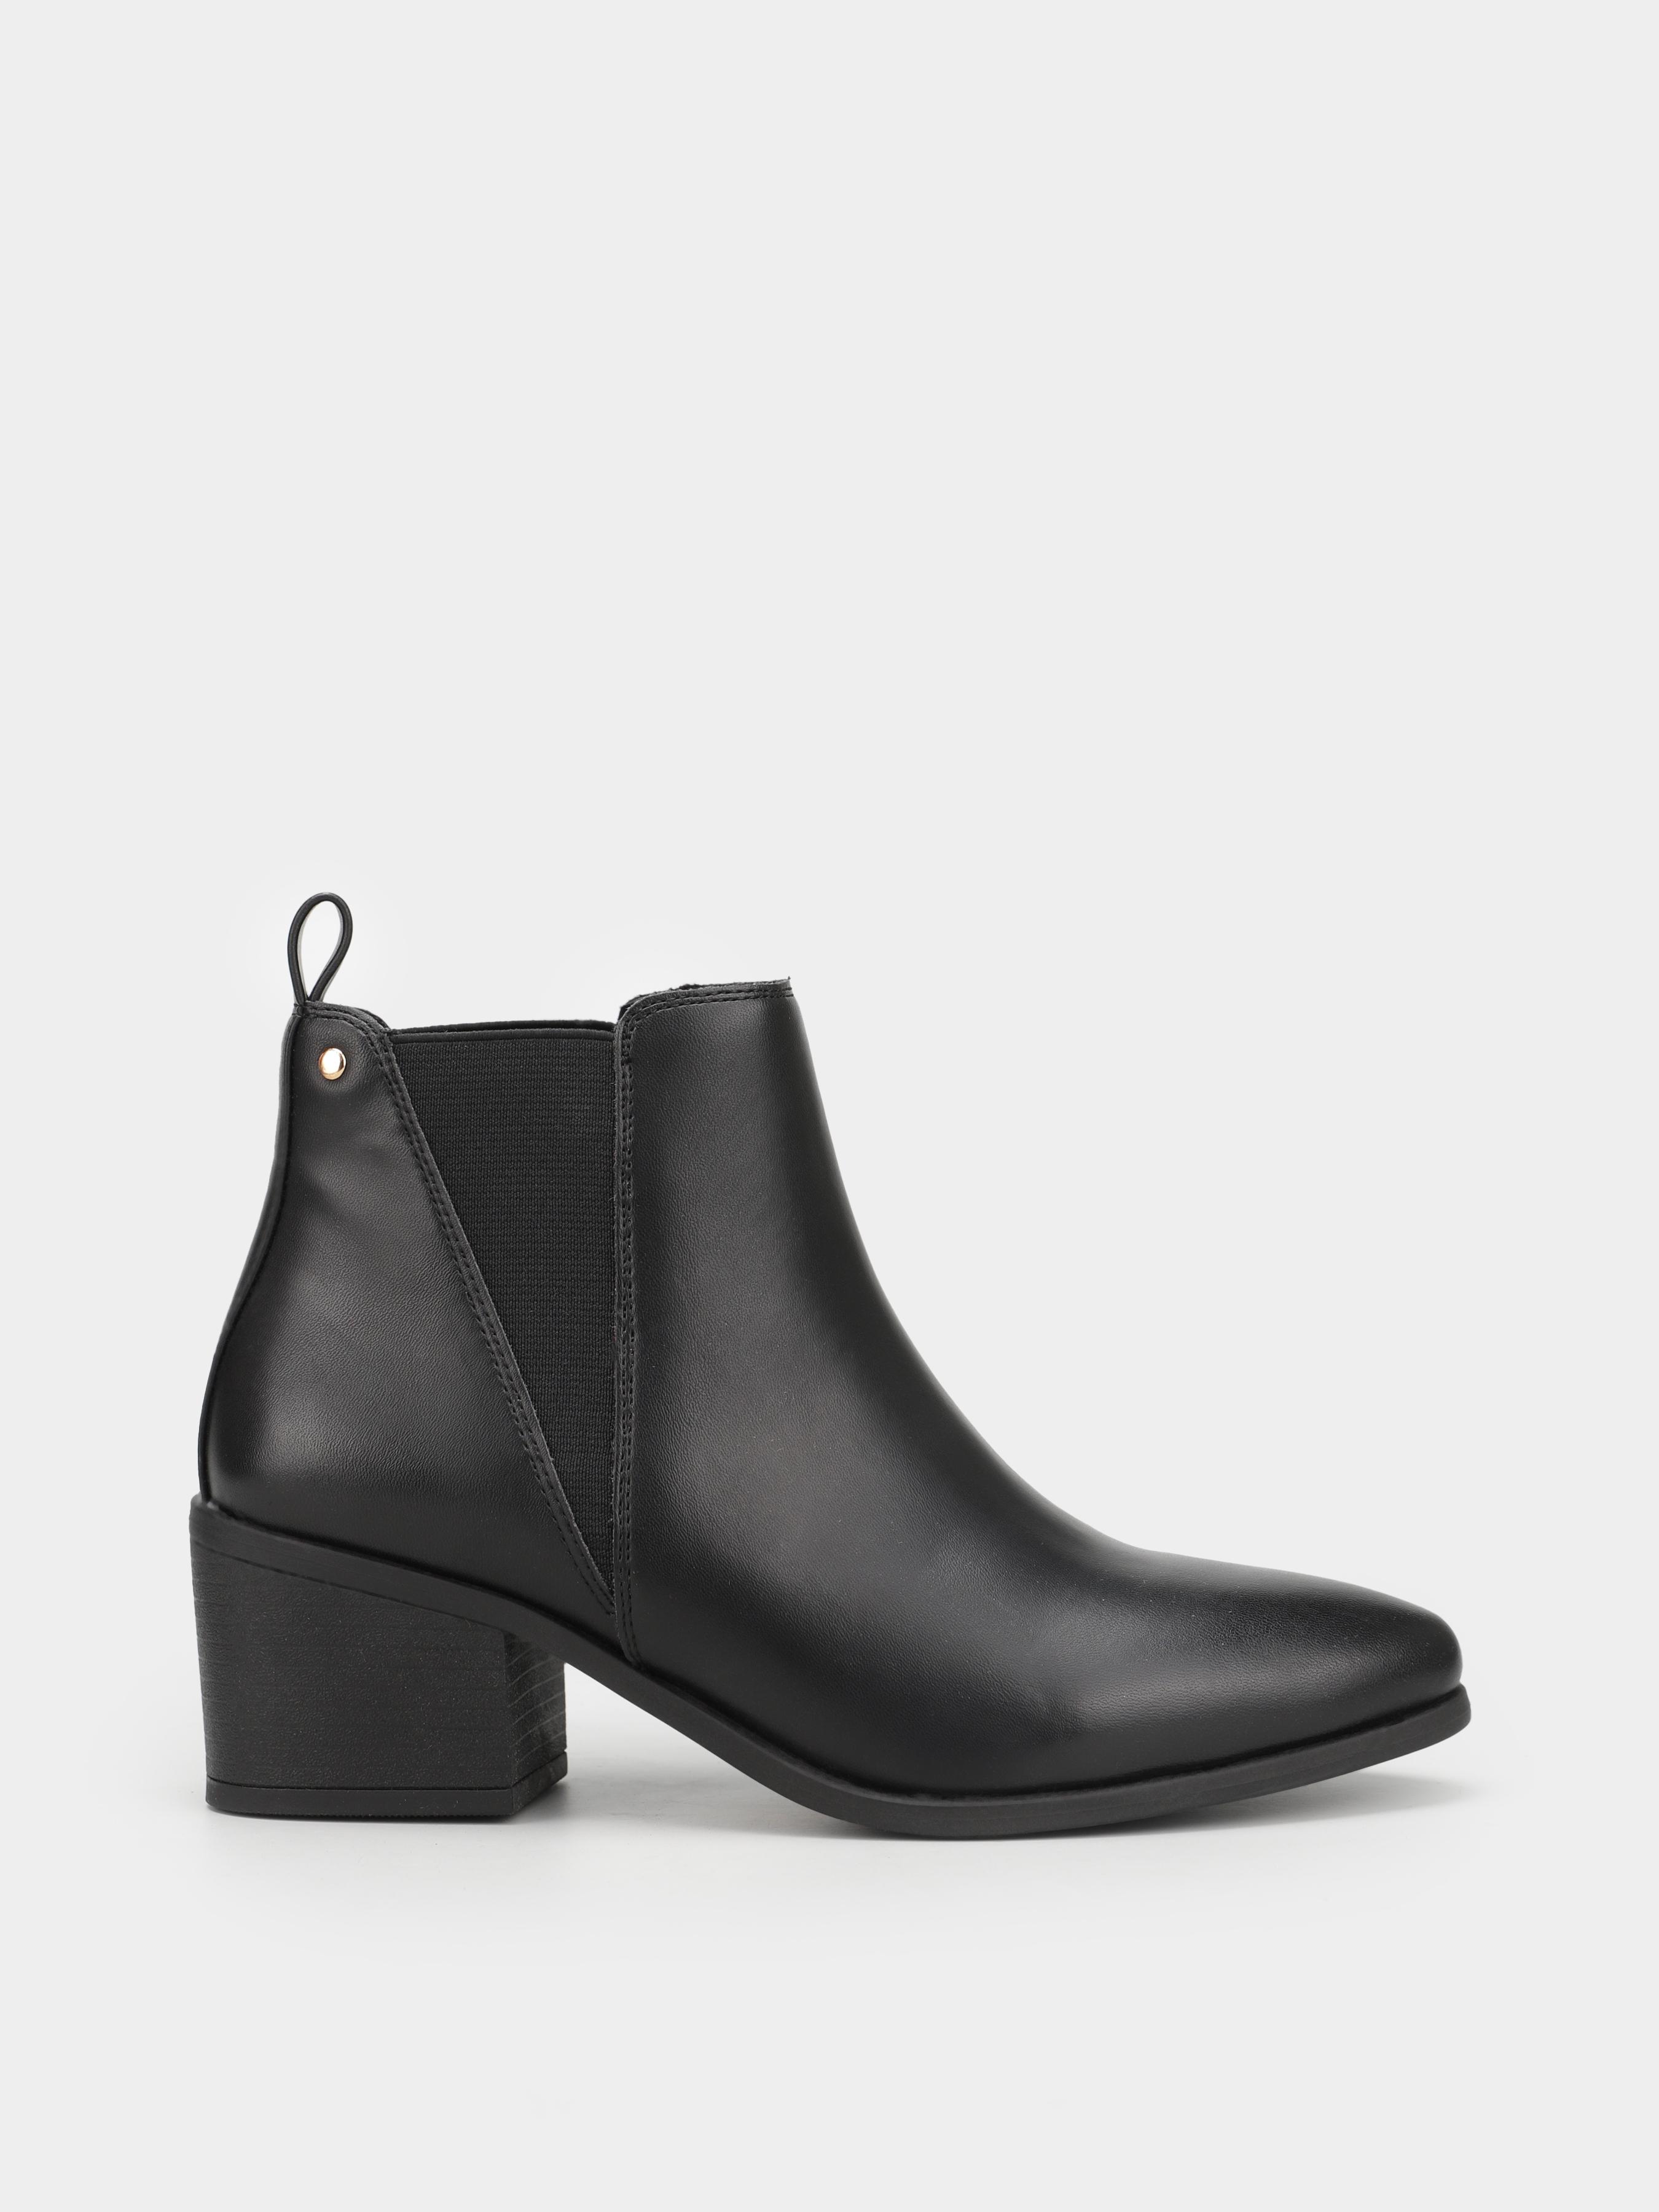 Ботинки для женщин M Wone OI134 цена, 2017